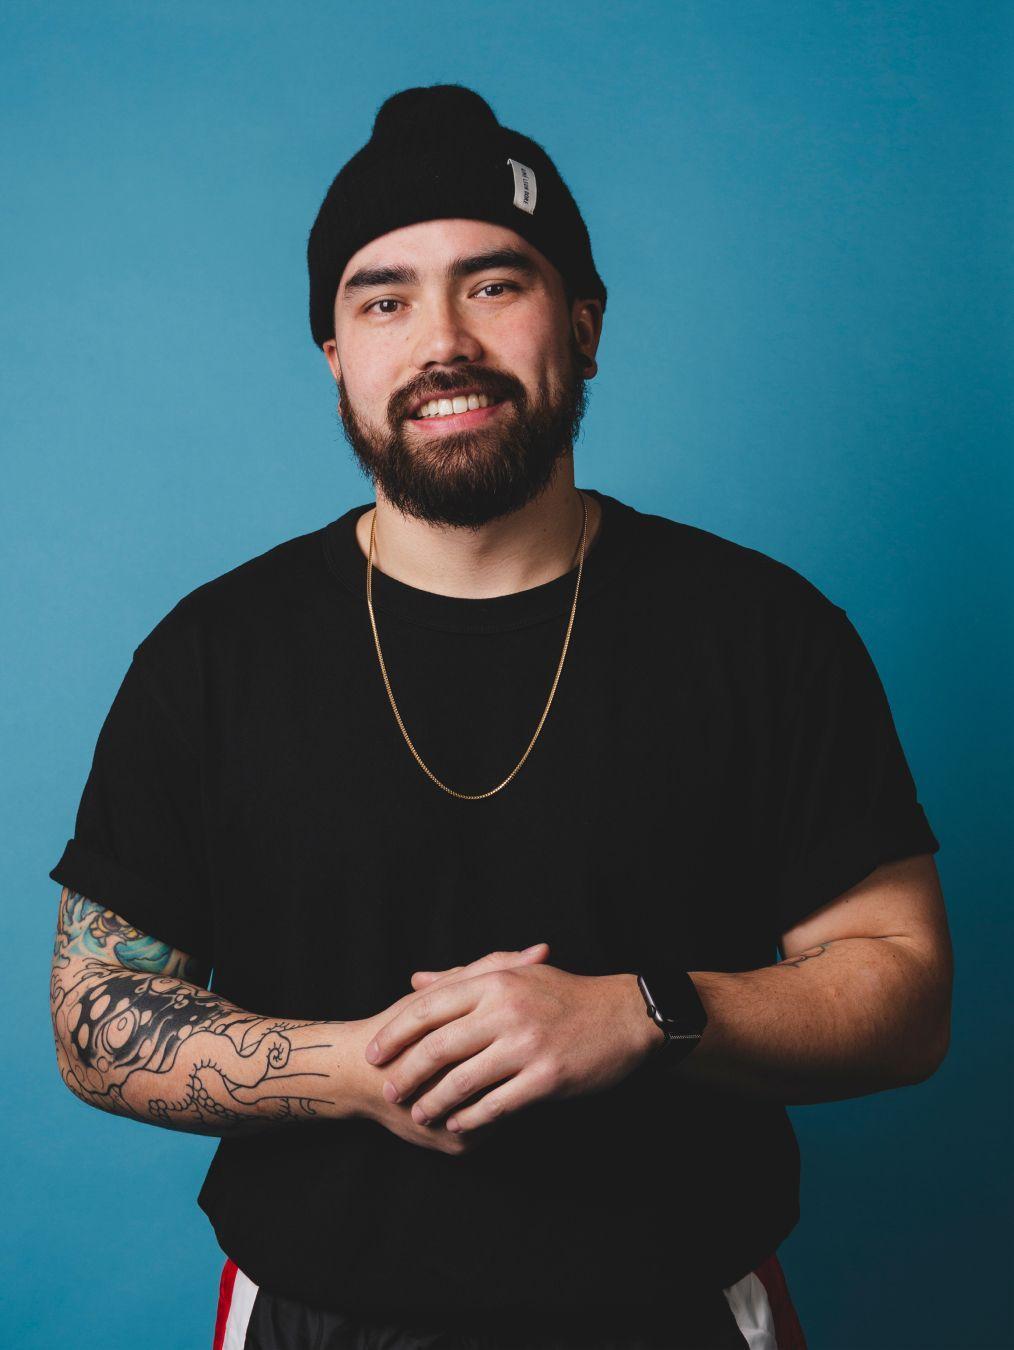 Joe Carolino - Creative Director